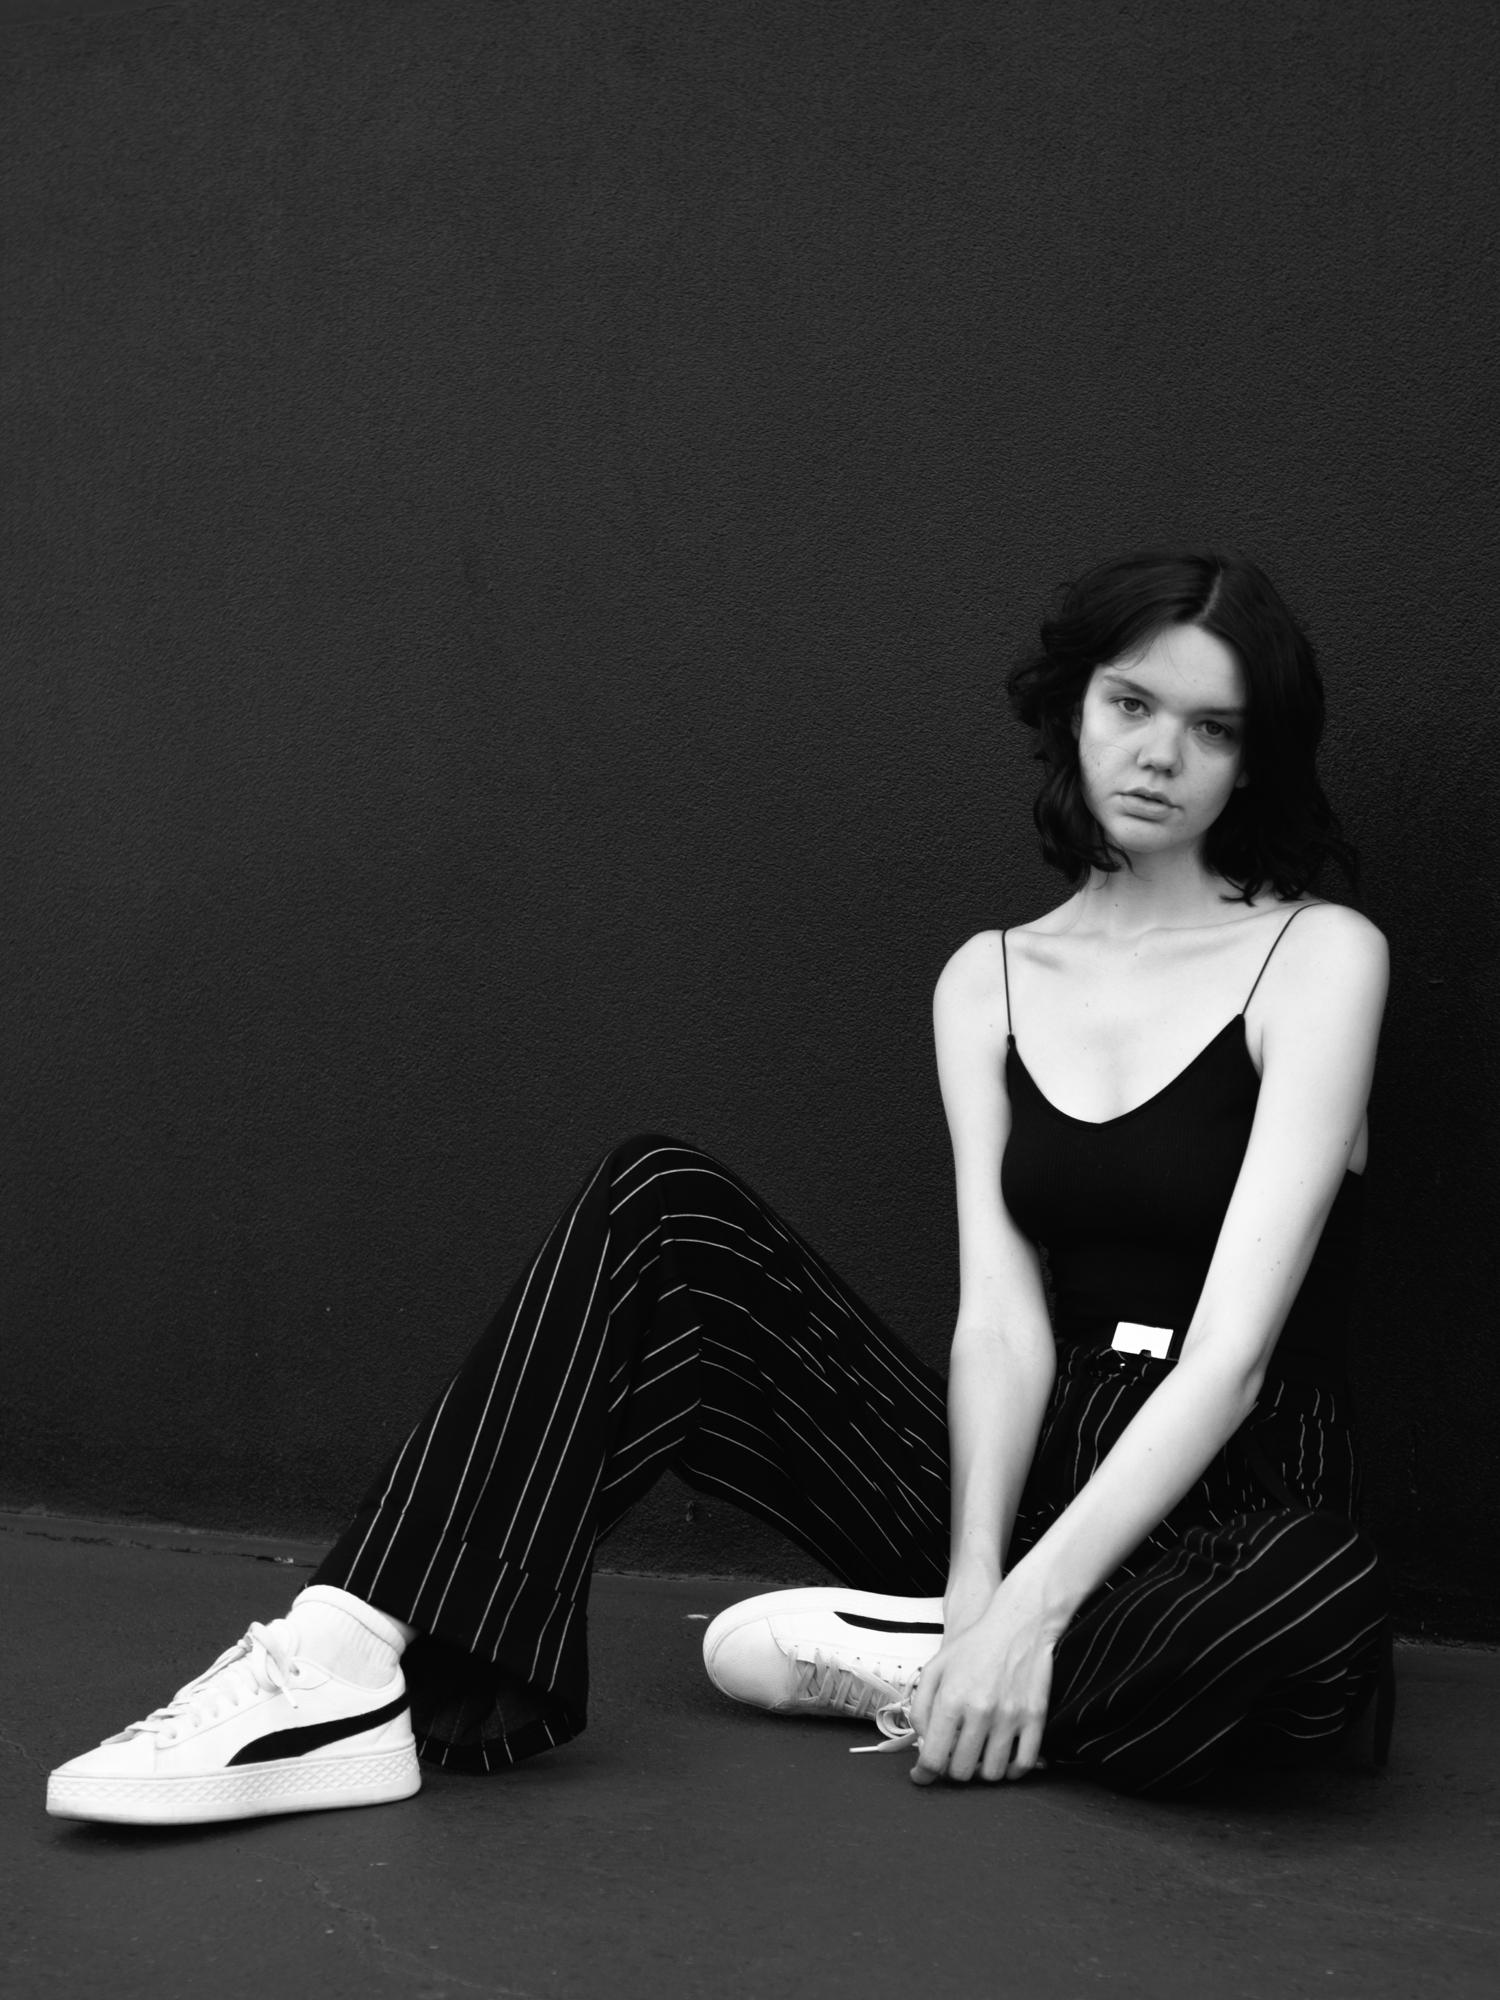 NEUE model Kaela Bayliss shot by Aaron VIII